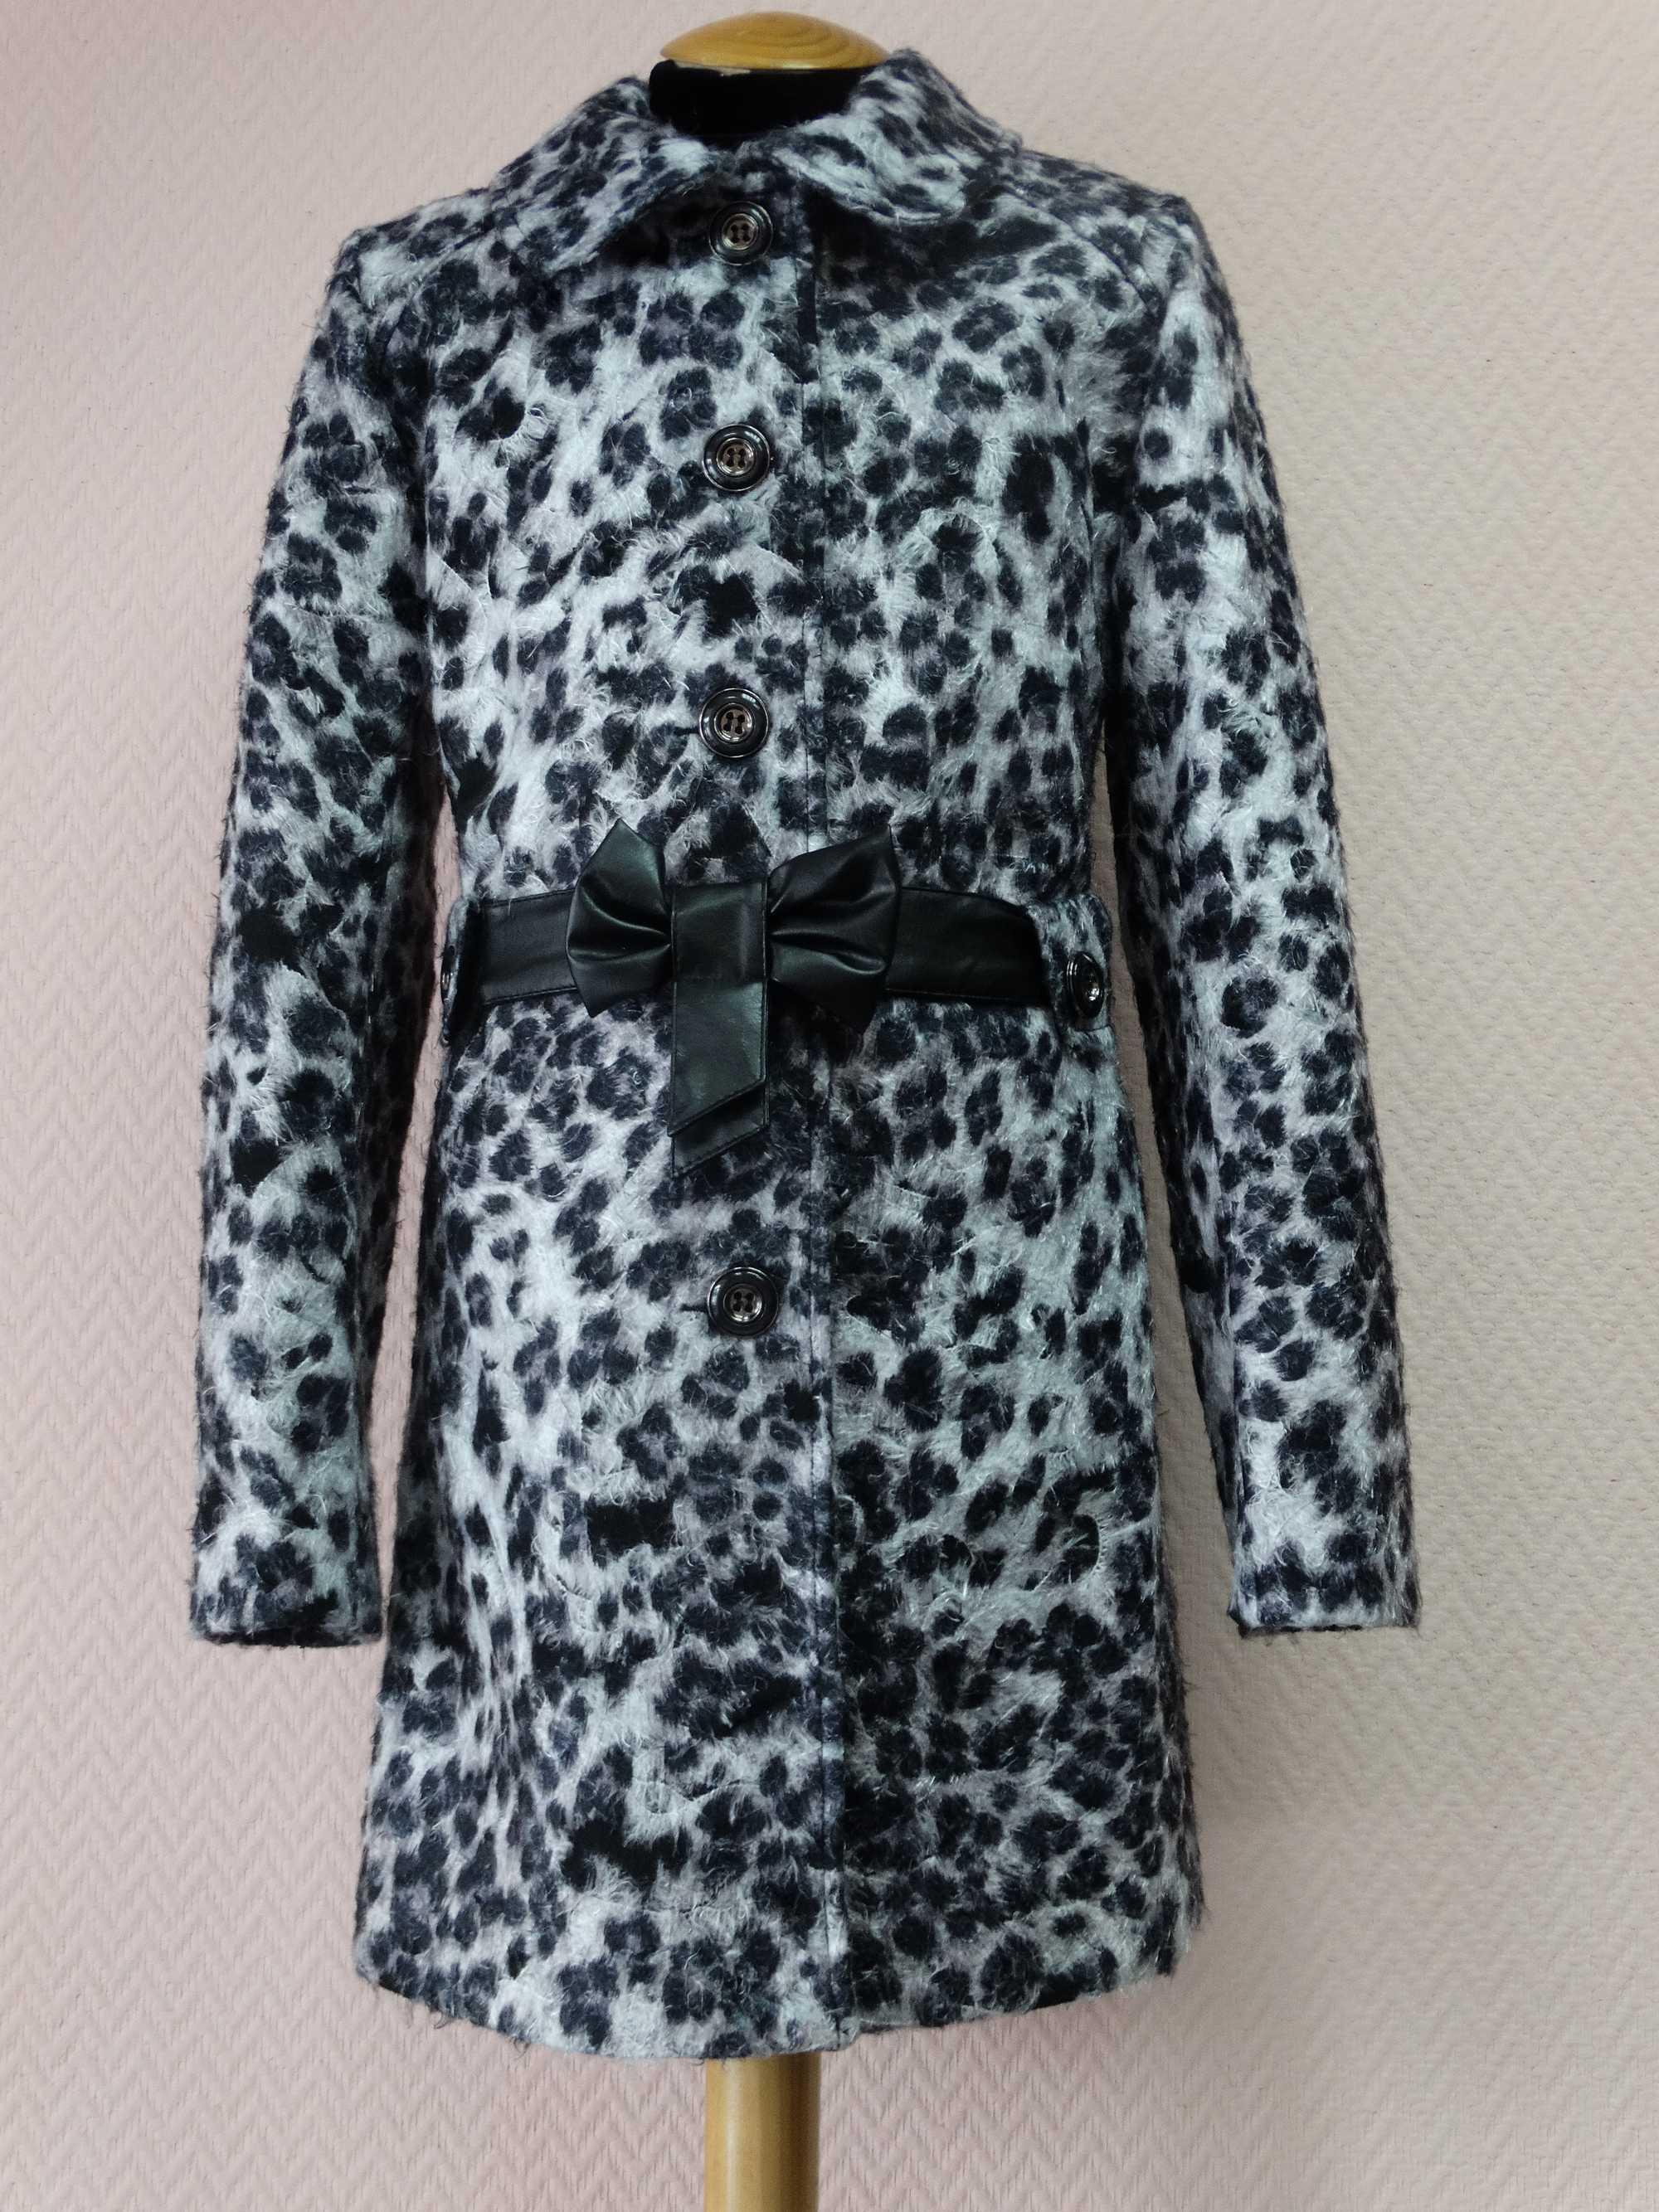 пальто, пальто для девочки купить, пальто детское купить, пальто в горох